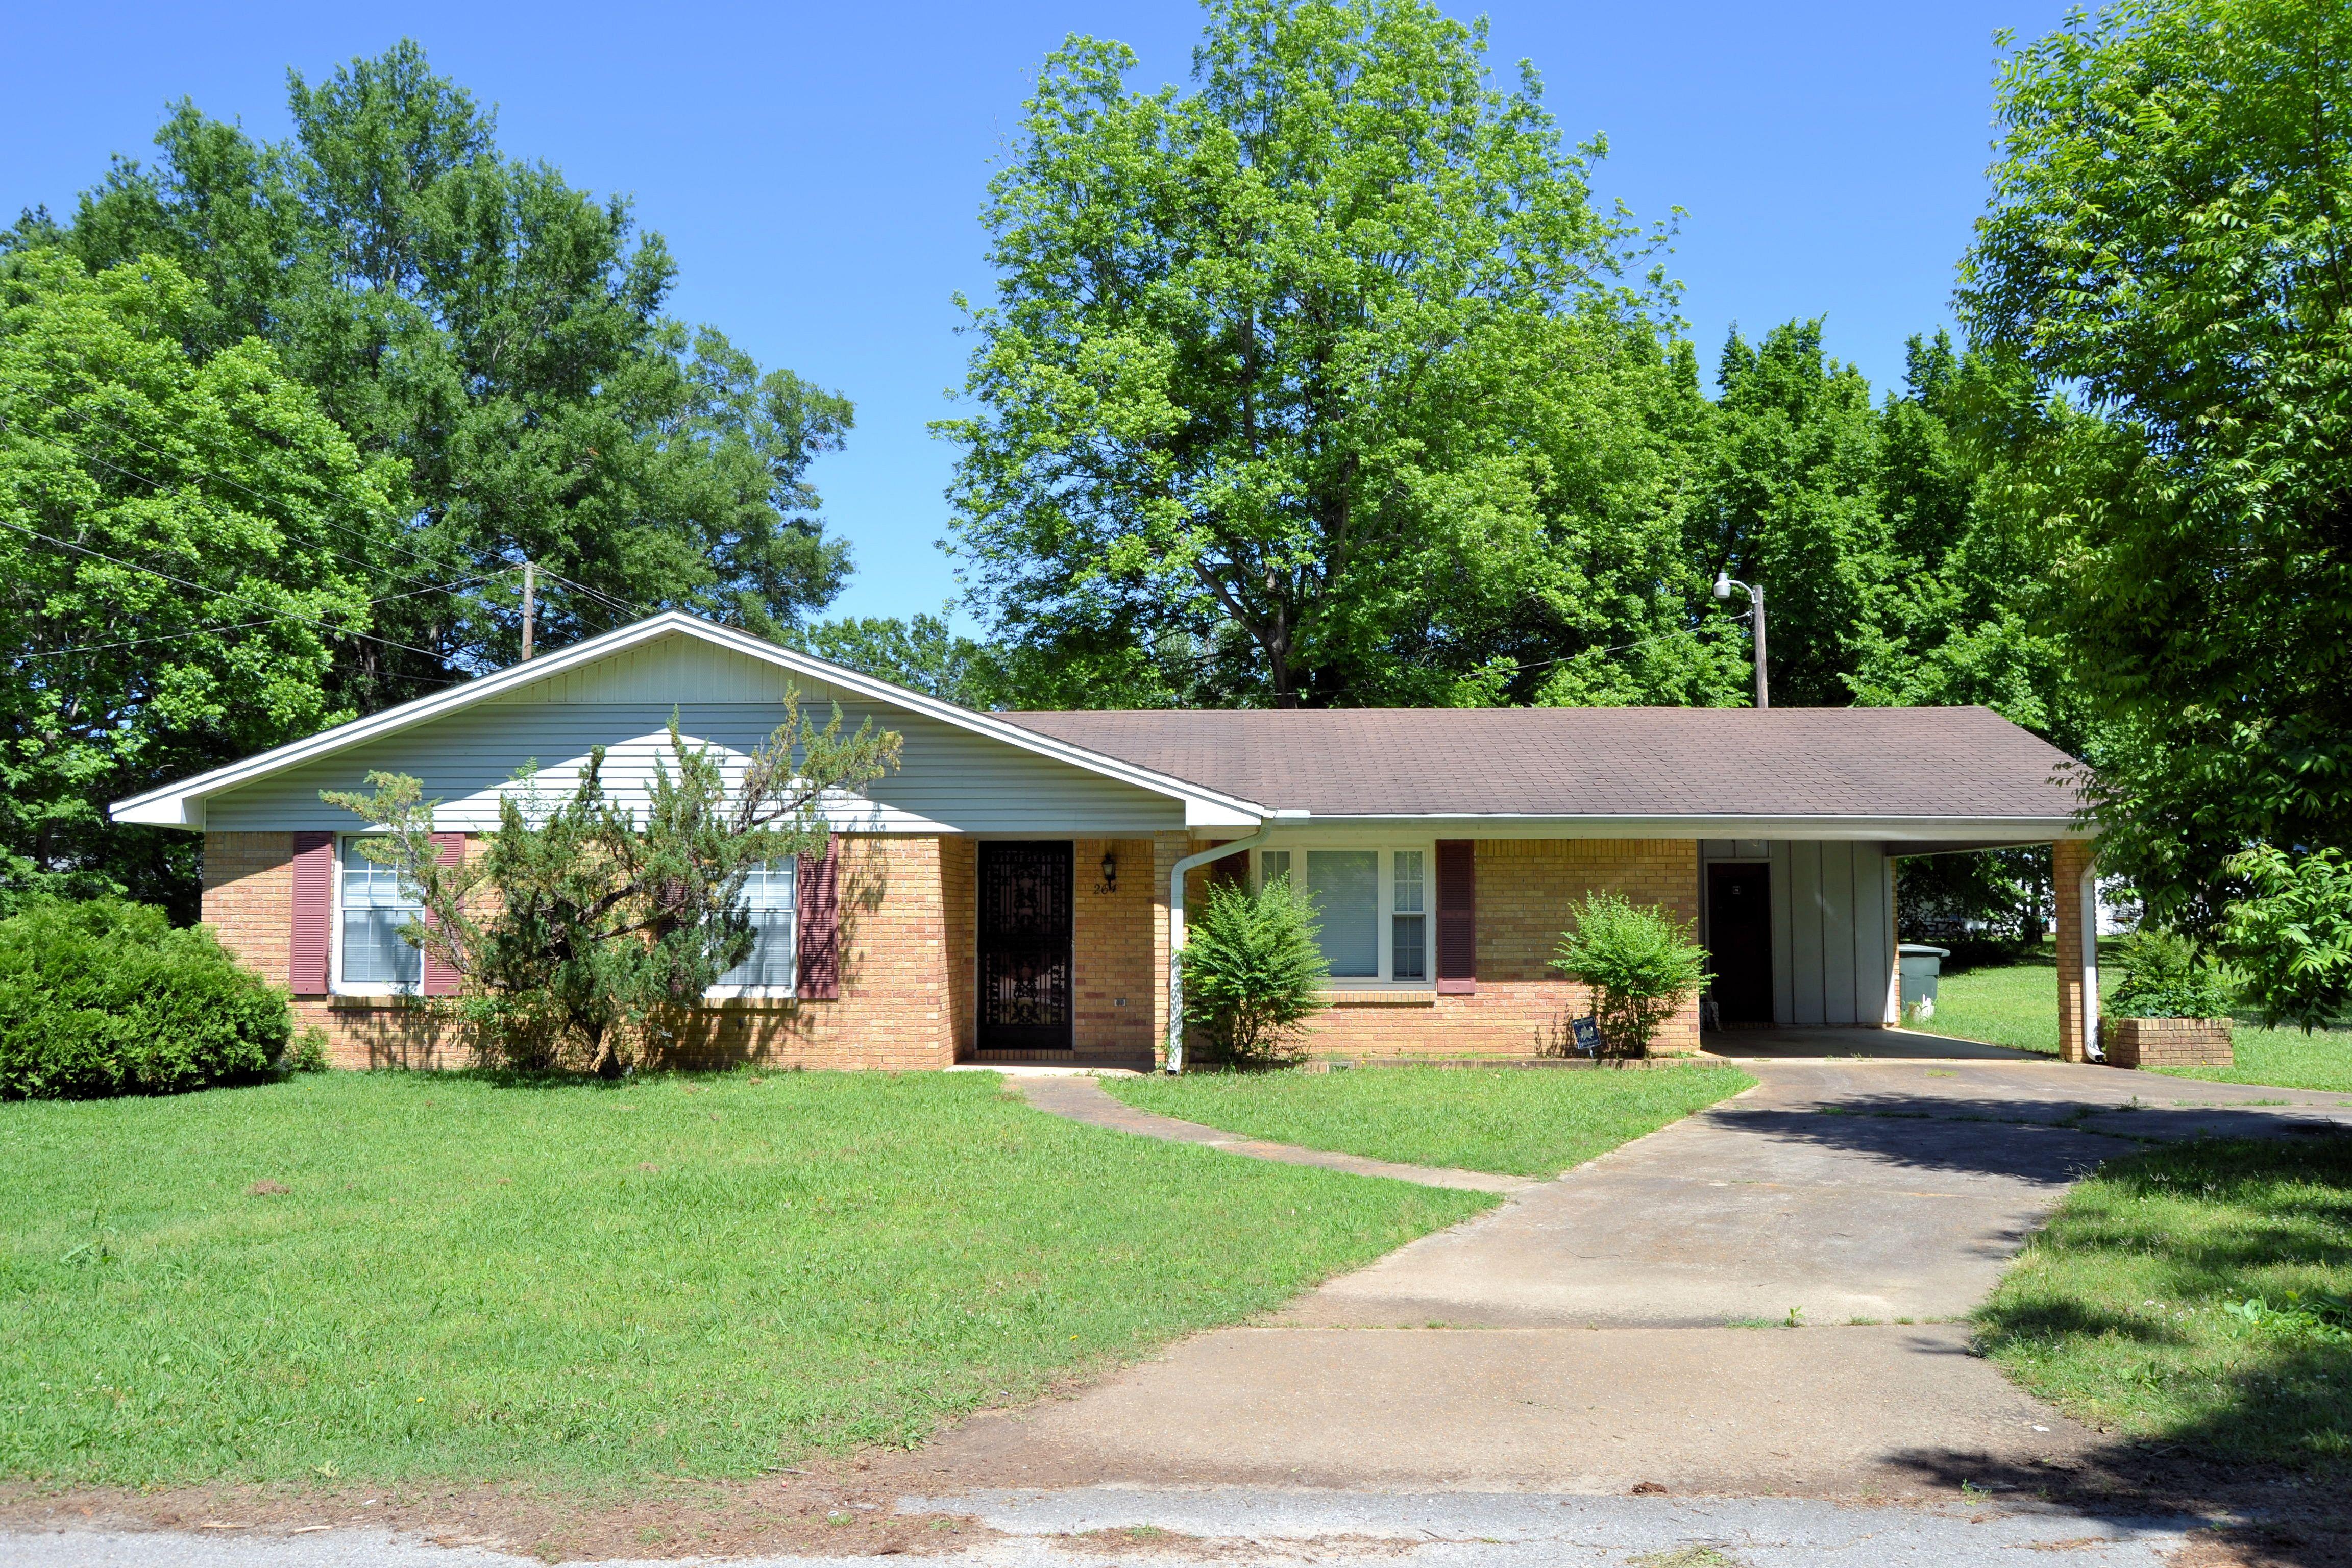 264 Mullen Ave., Nettleton, Mississippi 38858